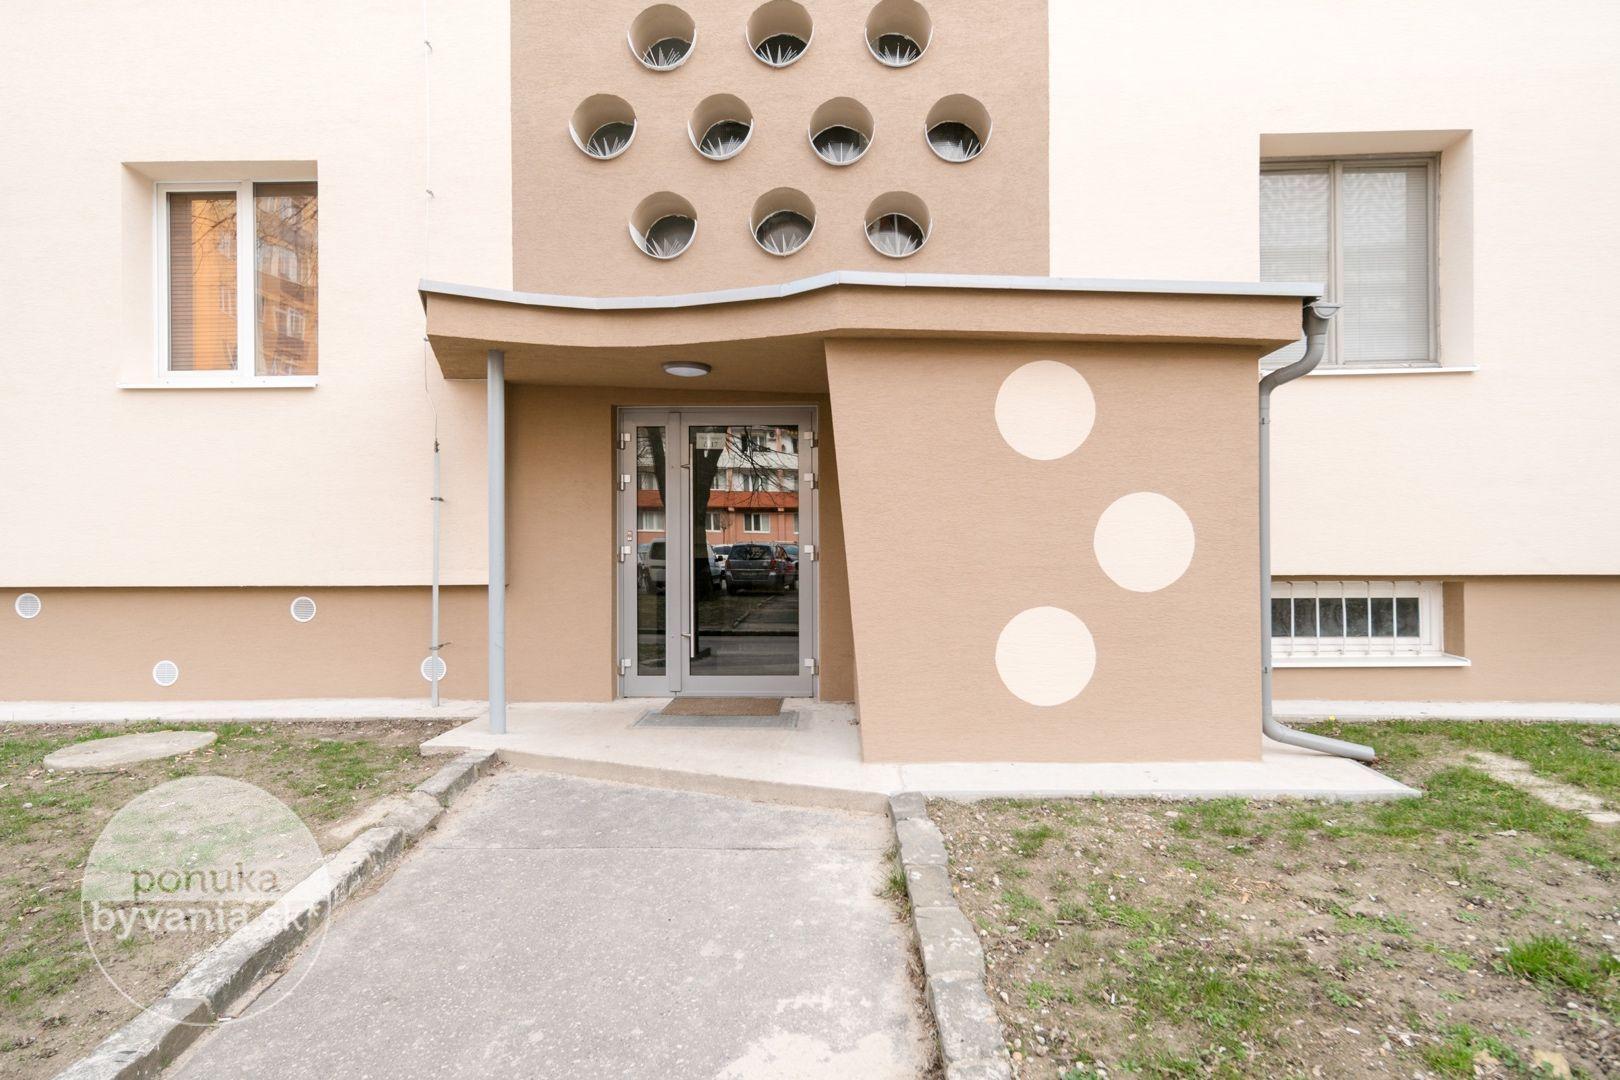 ponukabyvania.sk_Československých parašutistov_1-izbový-byt_BARTA